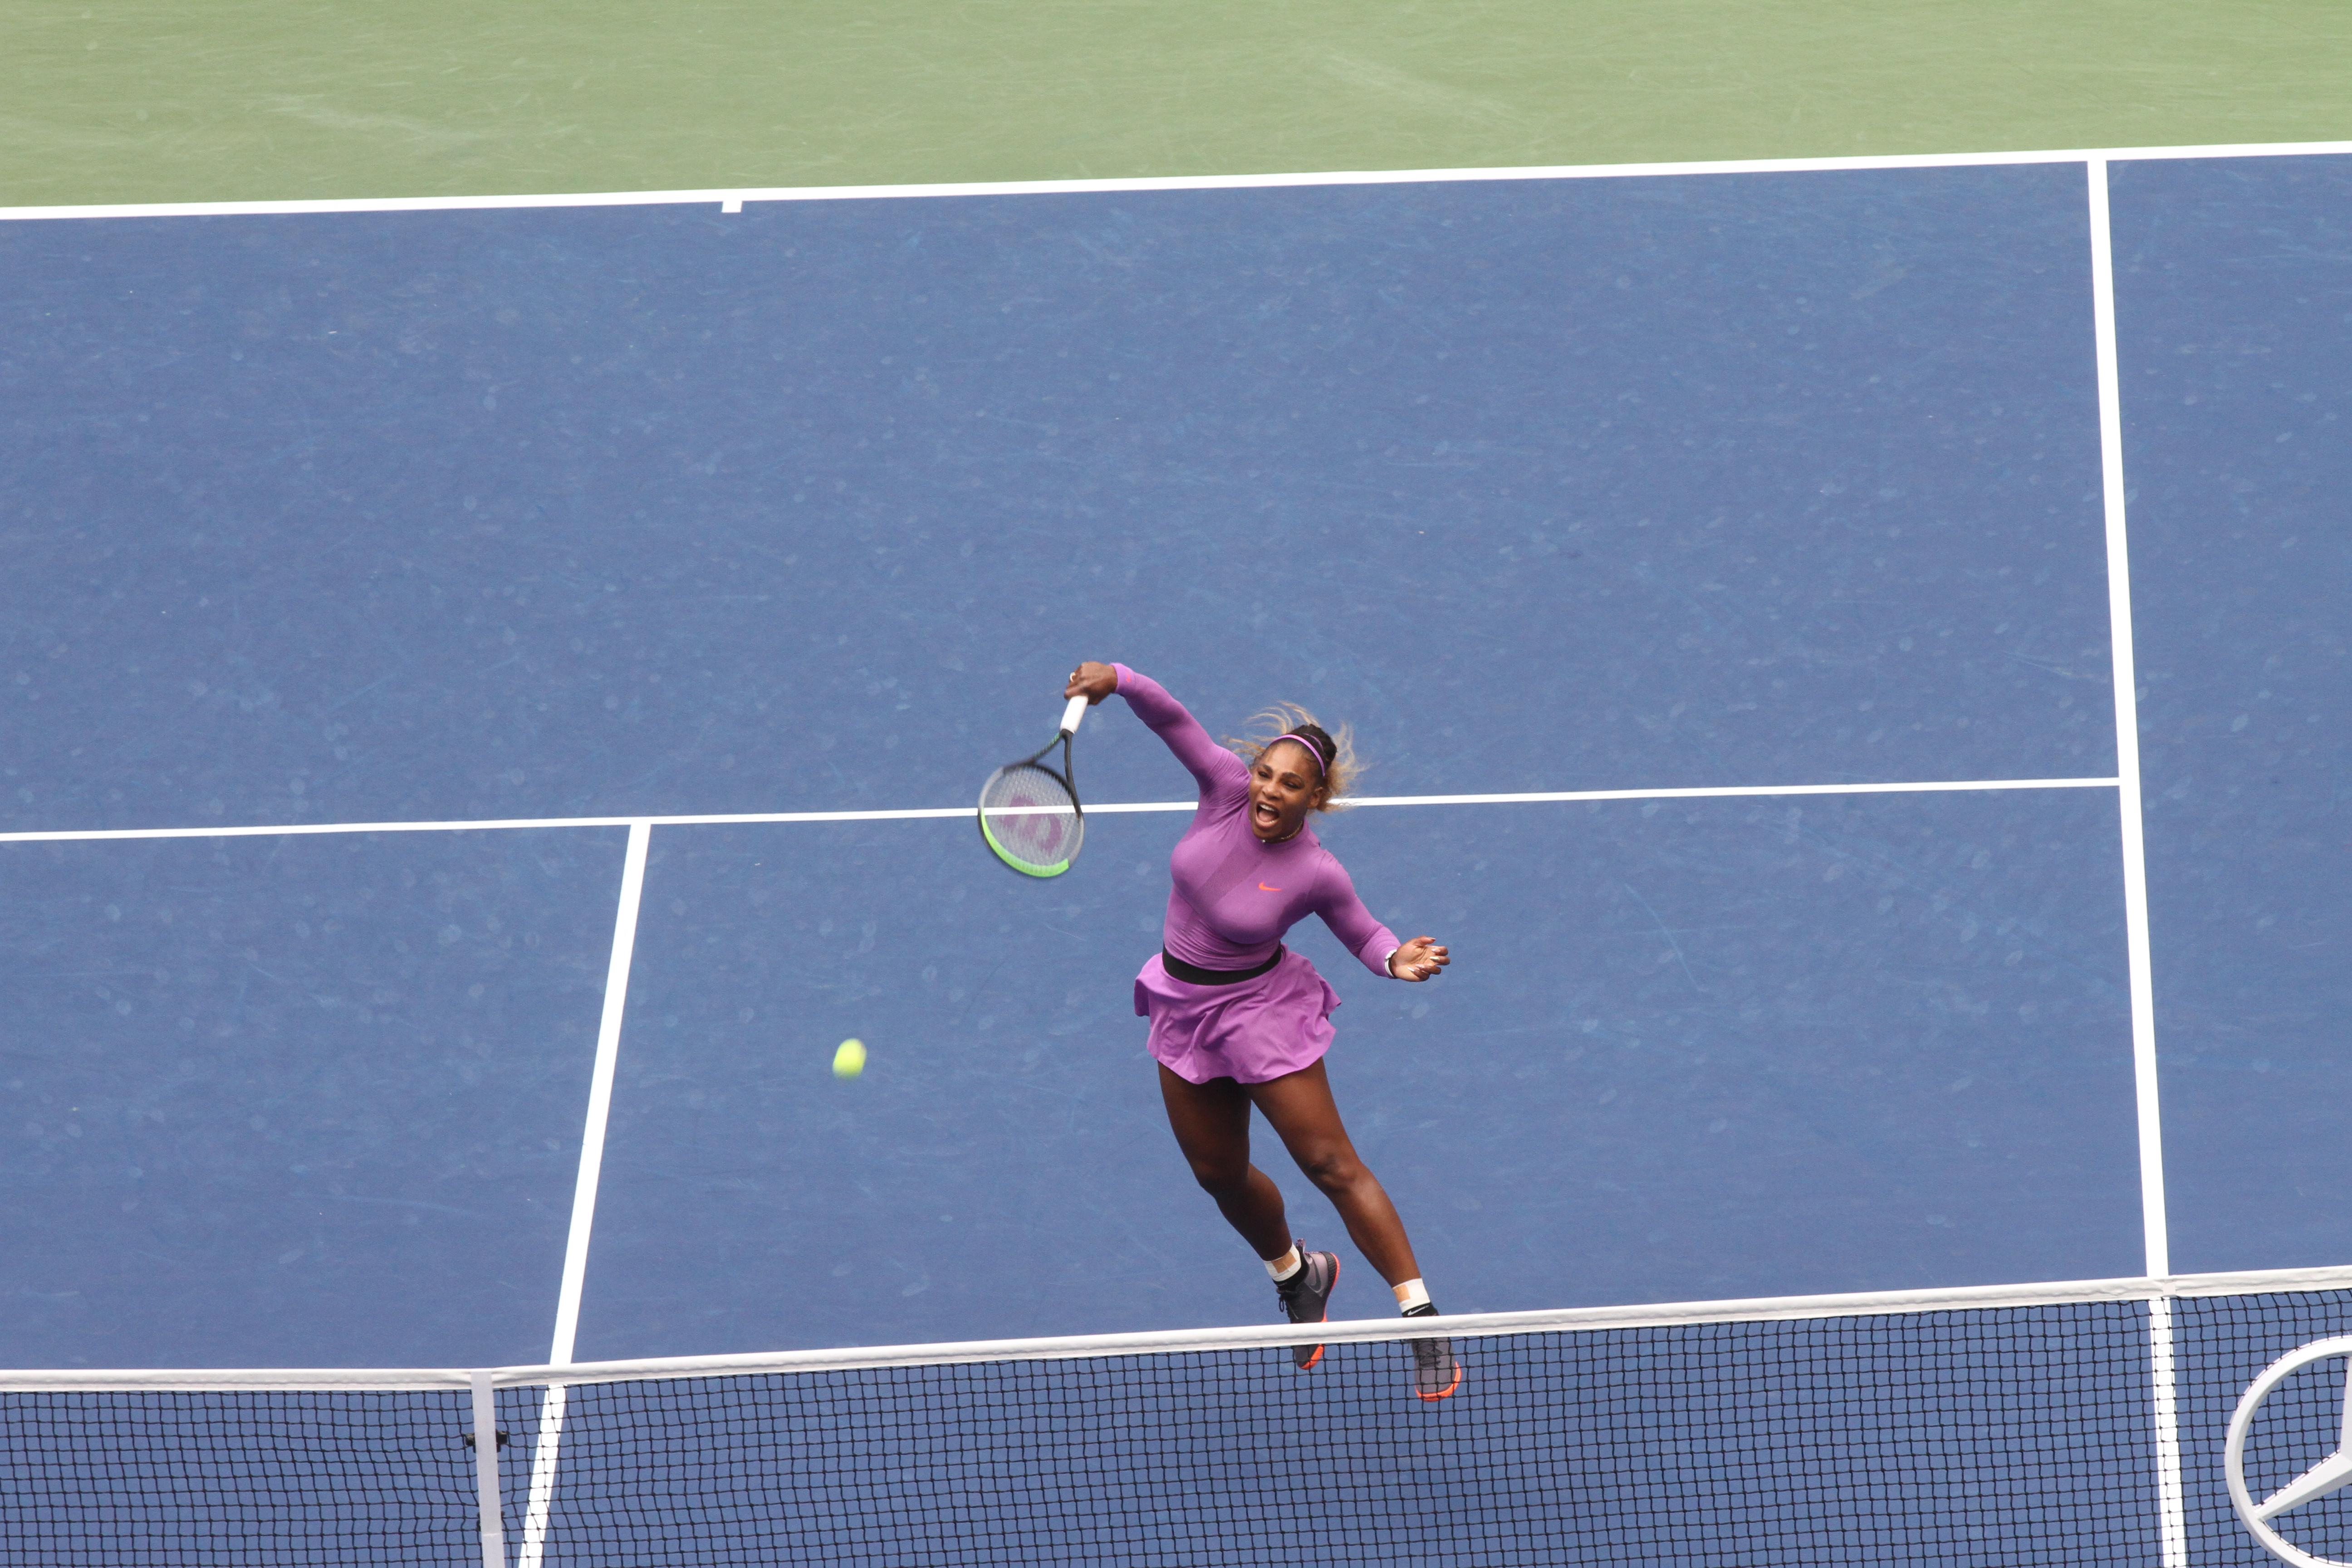 Un smash de Serena Williams en la red. / Foto: Mariela Lombard, El Diario NY